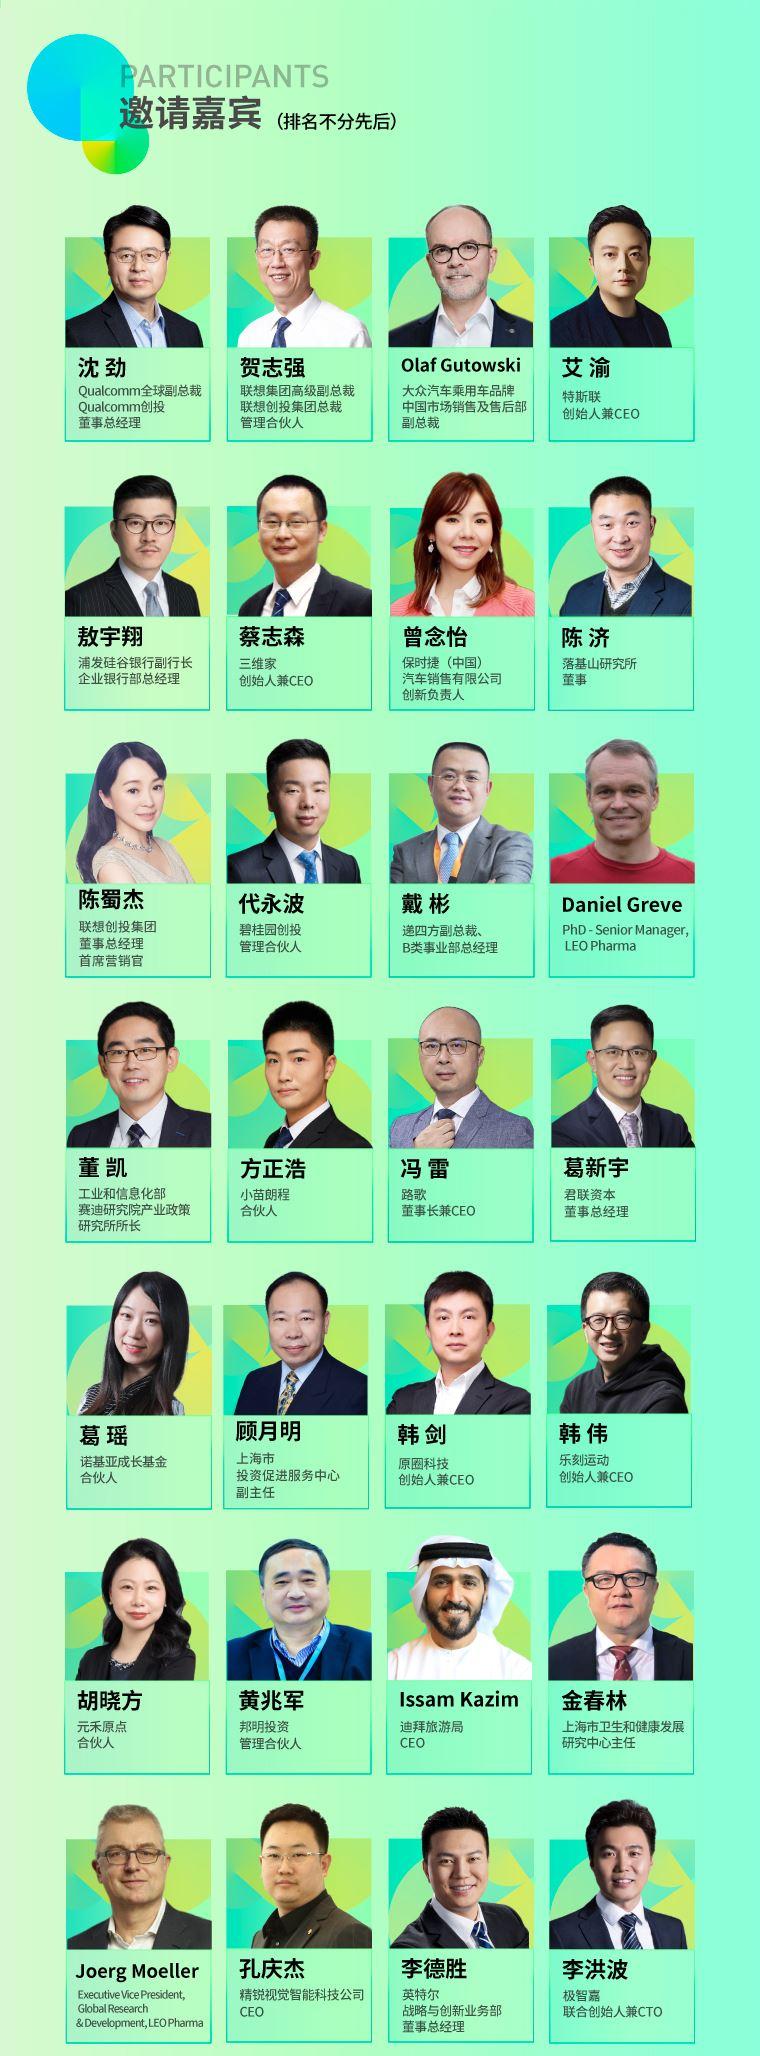 2021春季峰会活动行长图-6.jpg